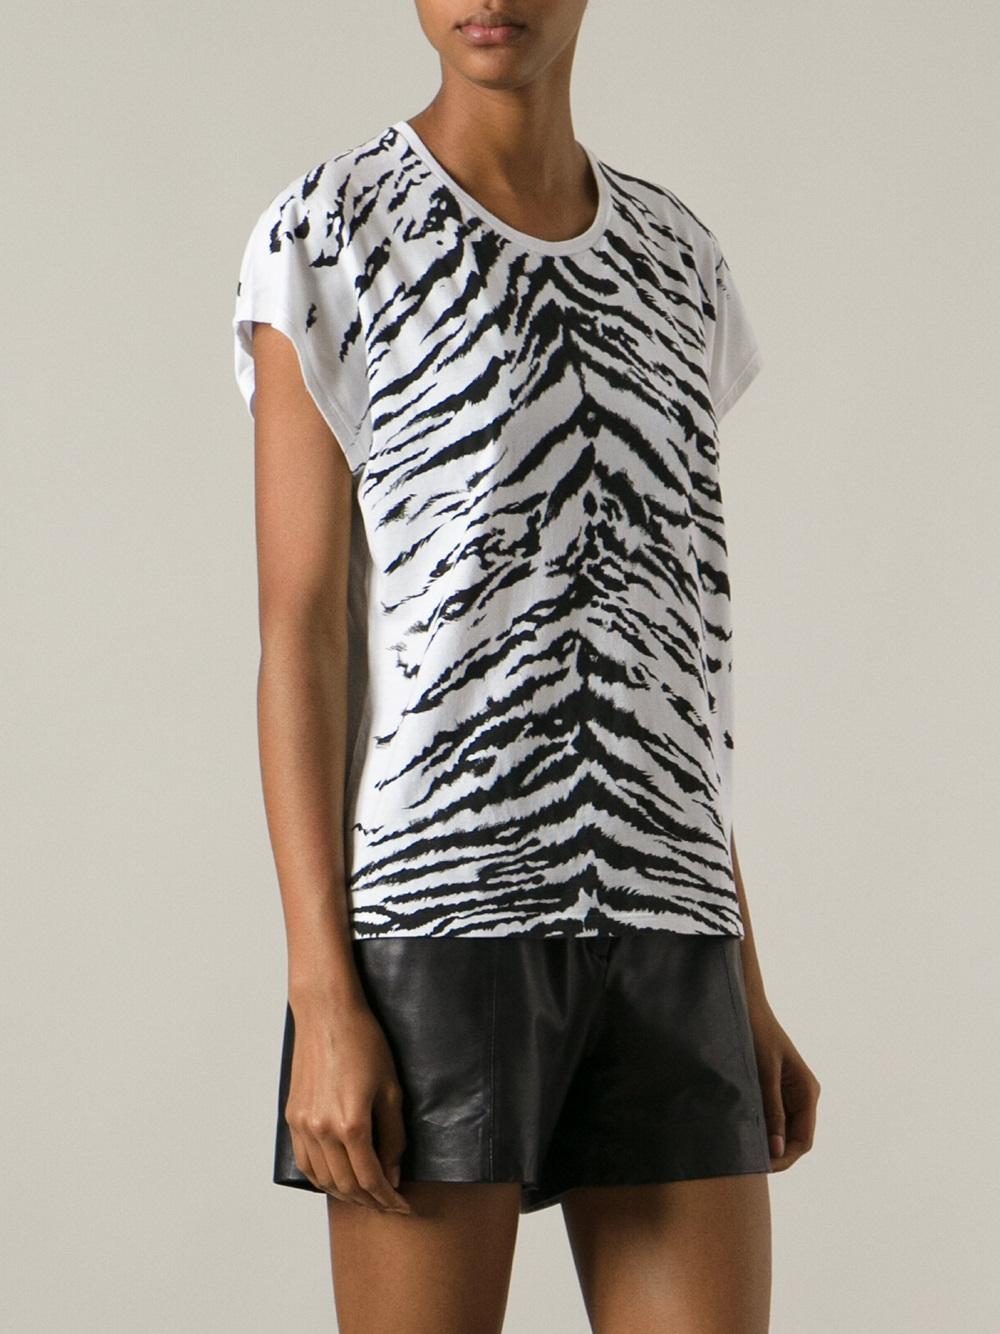 Saint laurent tiger print t shirt in white lyst for Saint laurent t shirt